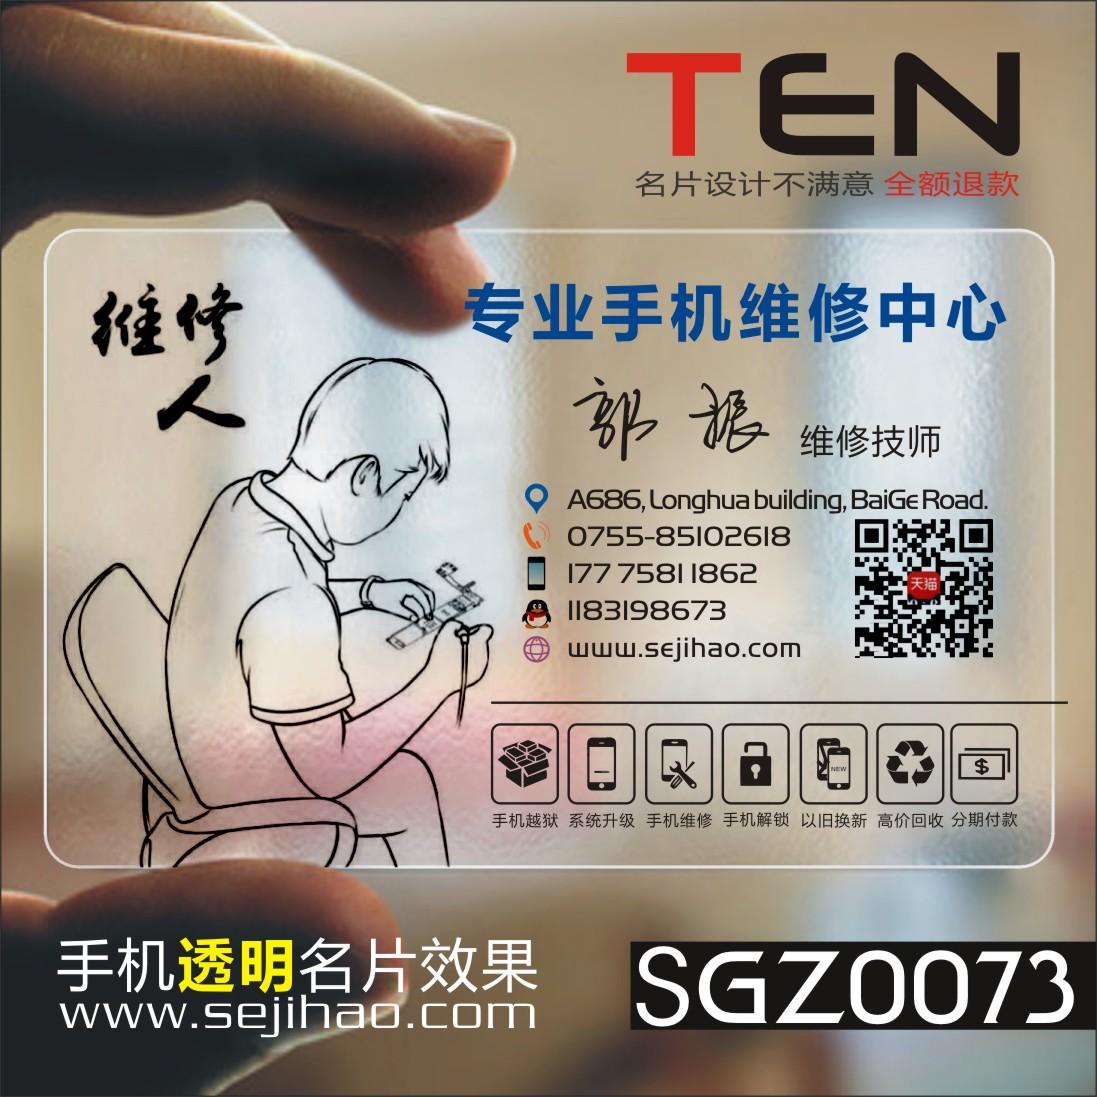 PVC透明粗细磨砂手机店通讯数码电脑家电维修名片免费设计制作包邮SGZ0073